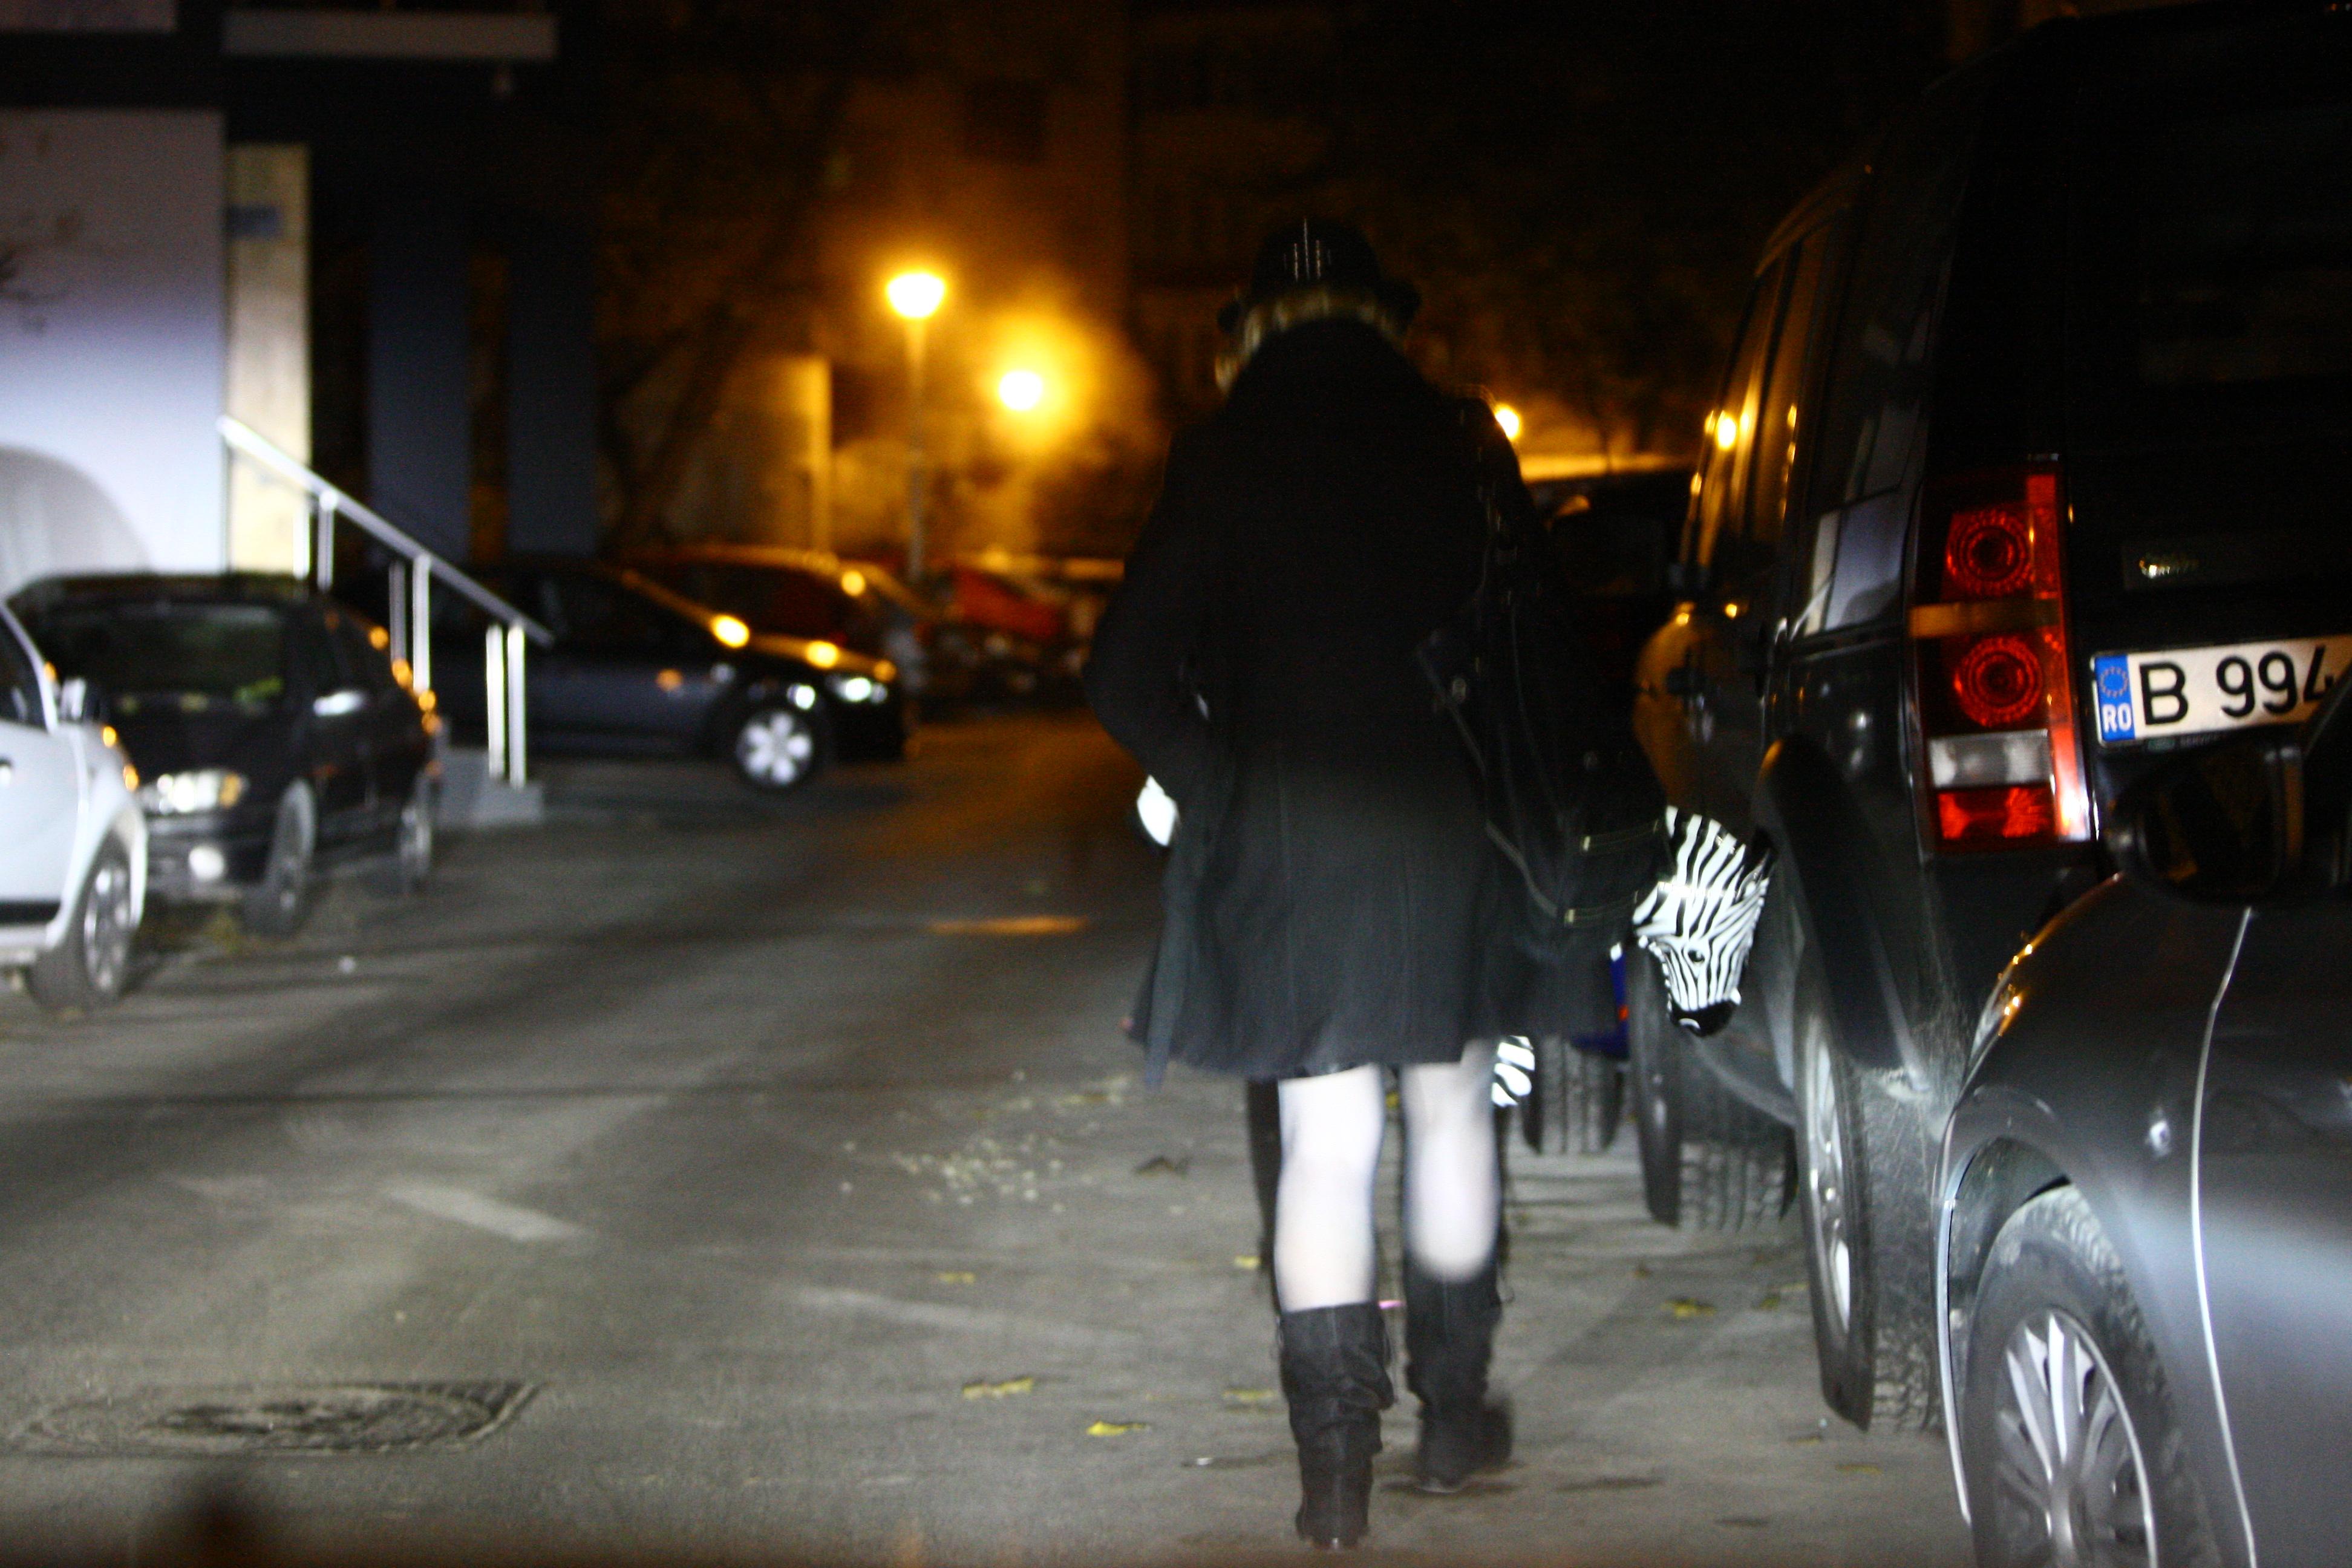 Vedeta s-a plimbat prin cartier cu zebra gonflabila